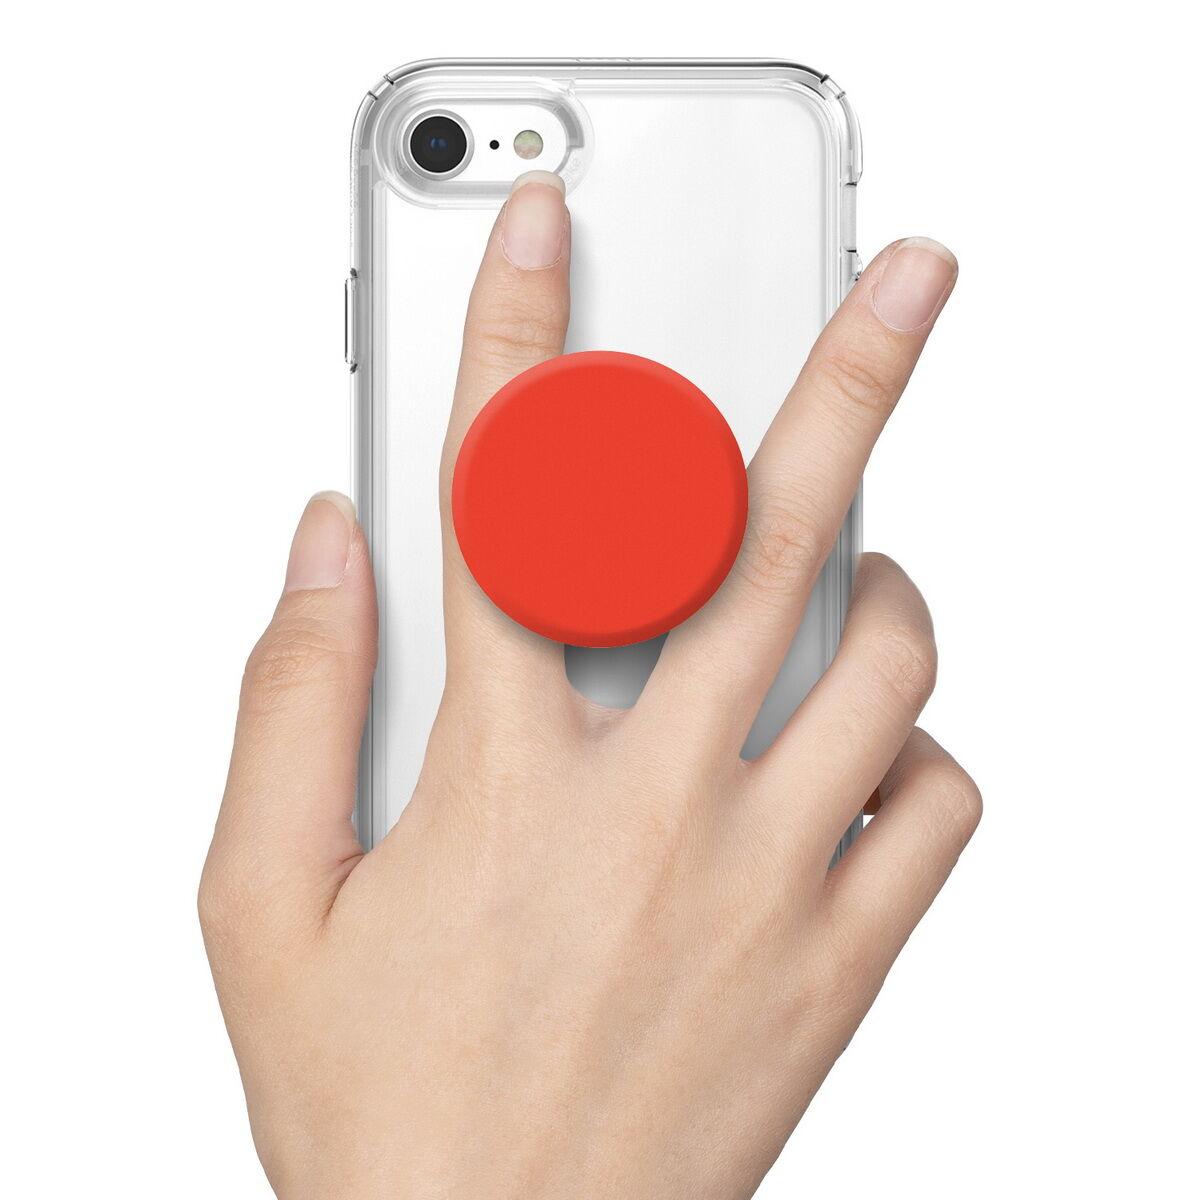 Rinkge telefontartó telefon hátlapra, Griptok, Piros